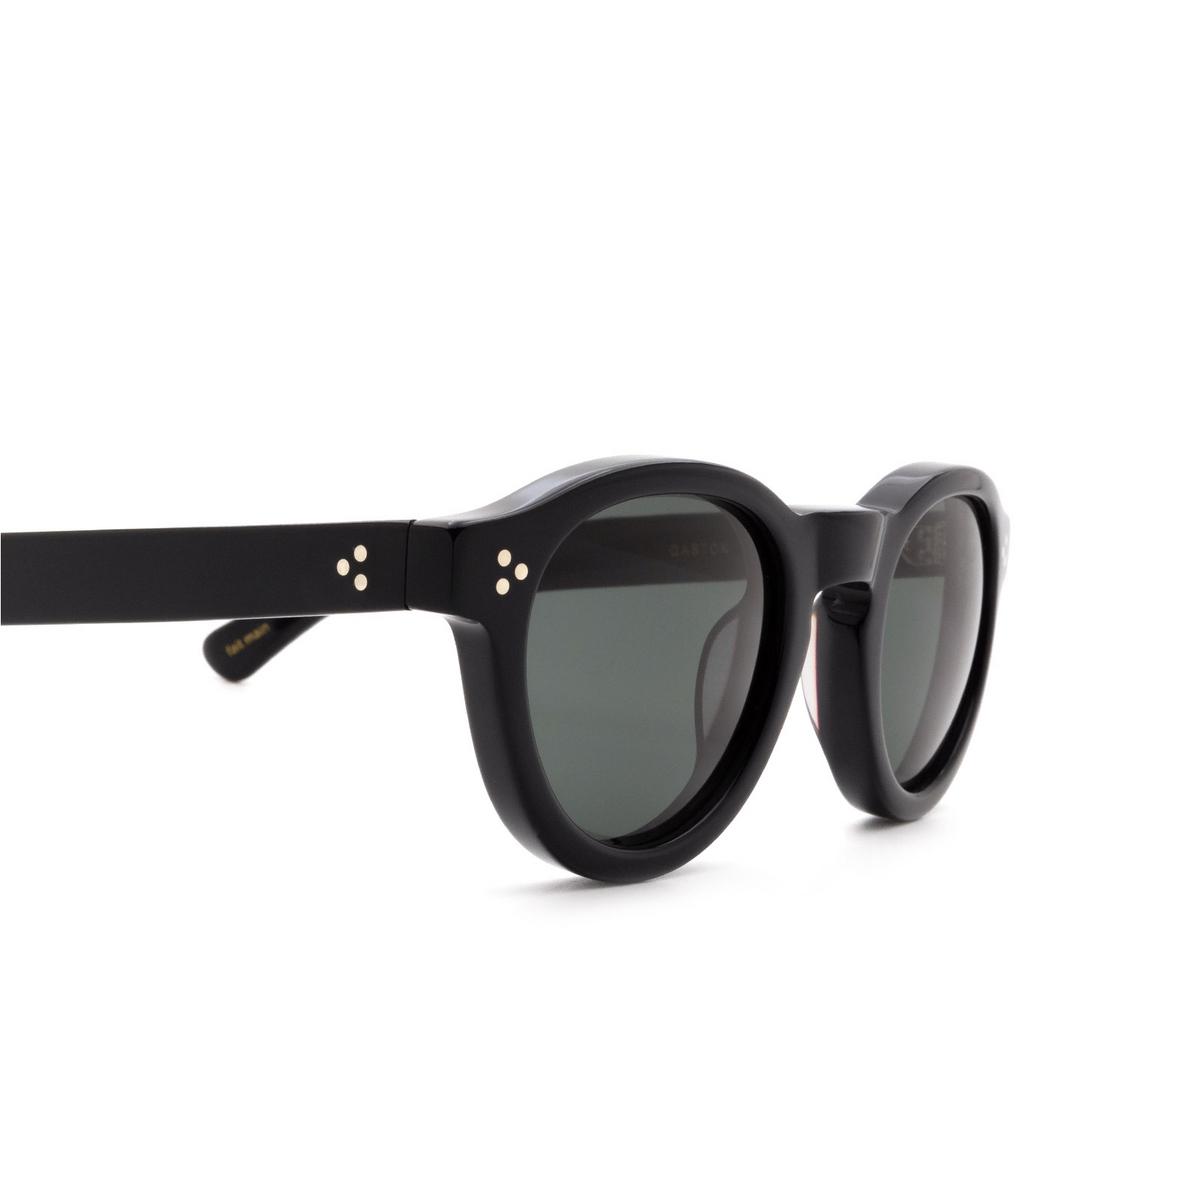 Lesca® Round Sunglasses: Gaston color Noir 5 - 3/3.